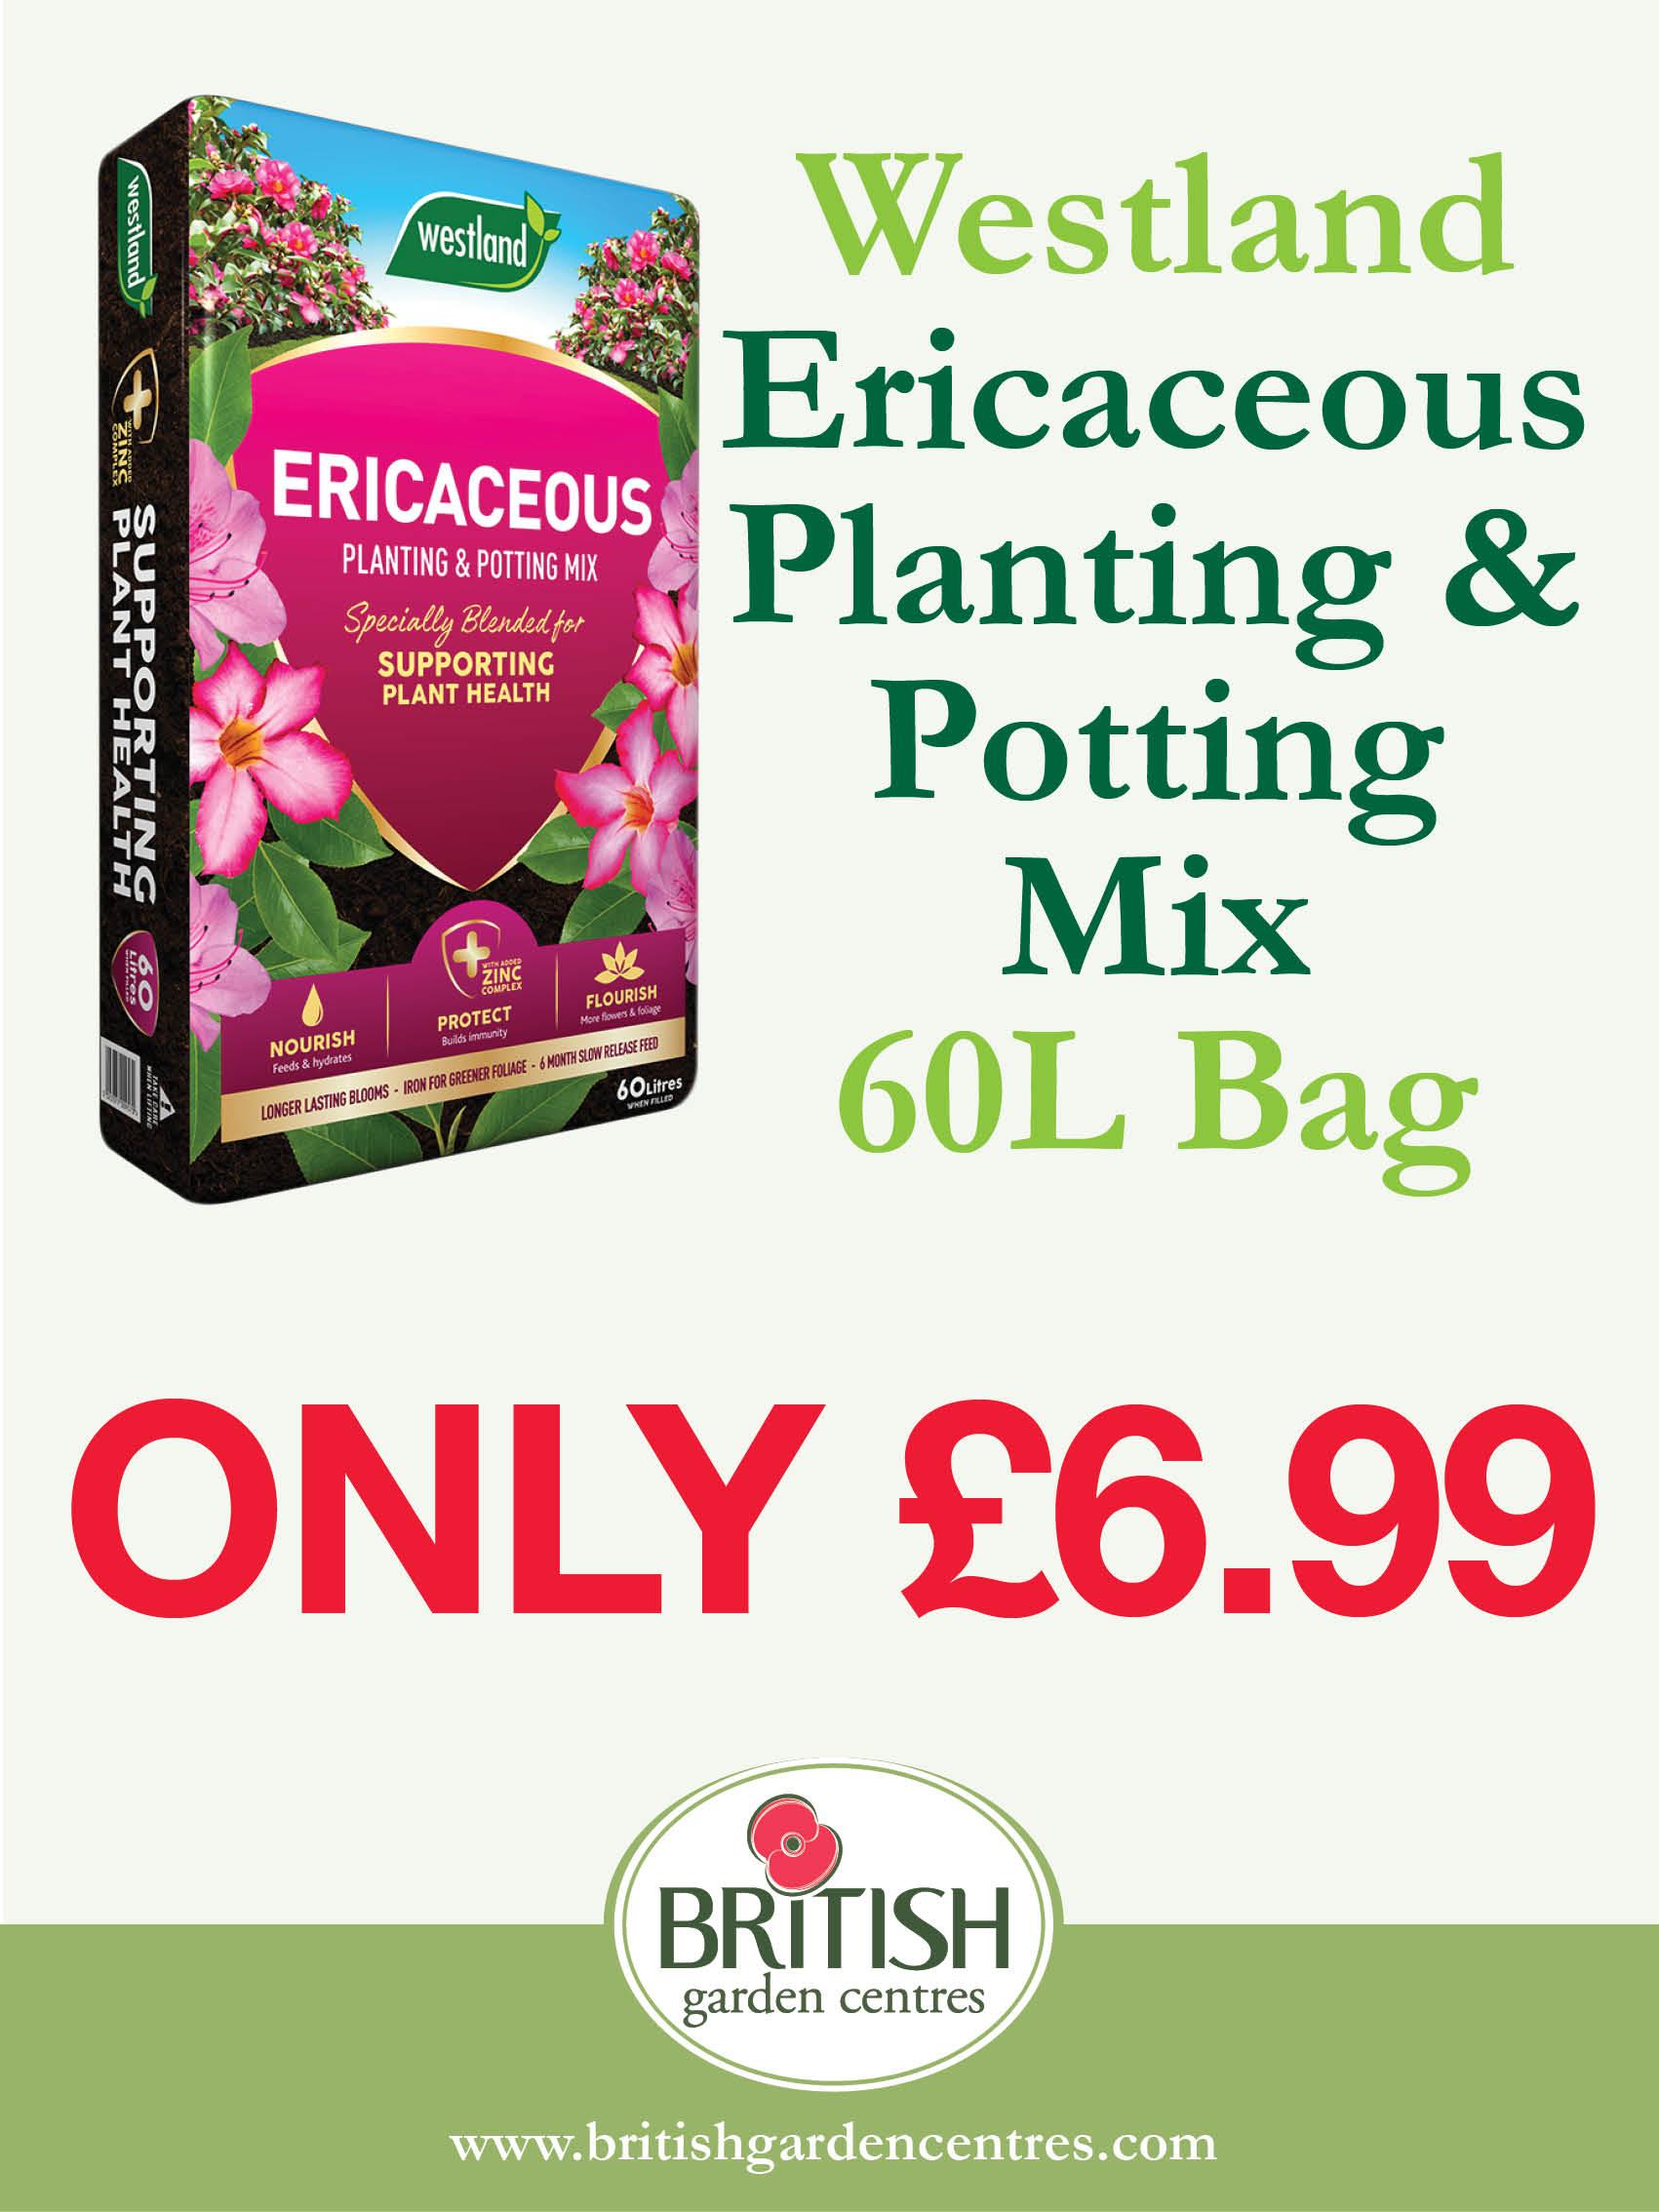 Ericaceous Planting & Potting Mix 60L